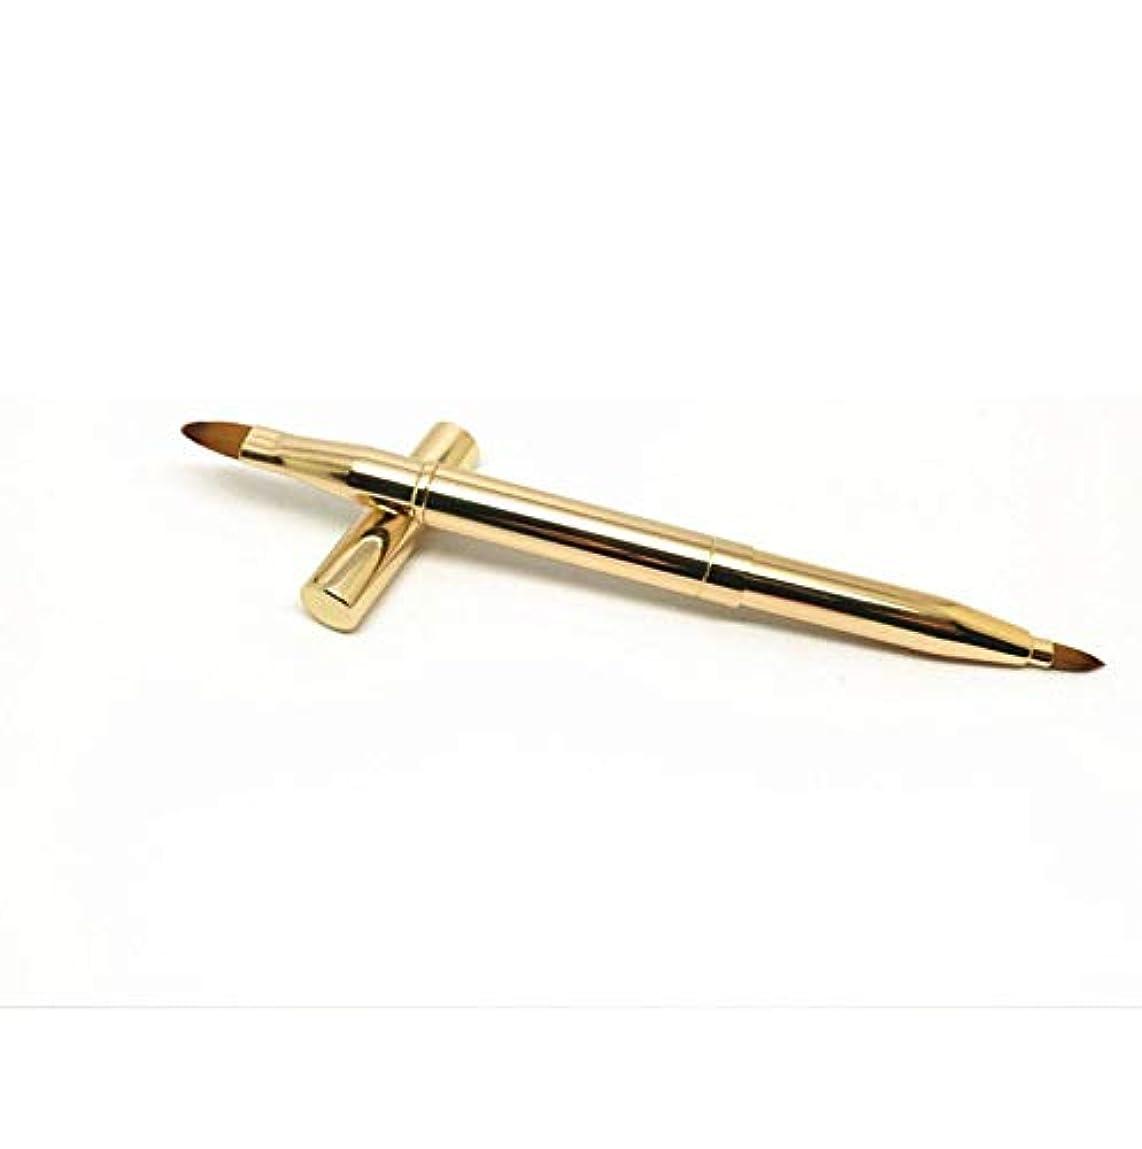 ディスコすでにスピーカーダブルヘッド自動伸縮ブラシポータブルリップブラシメタルリップブラシ化粧ブラシゴールドリップペンシルツール